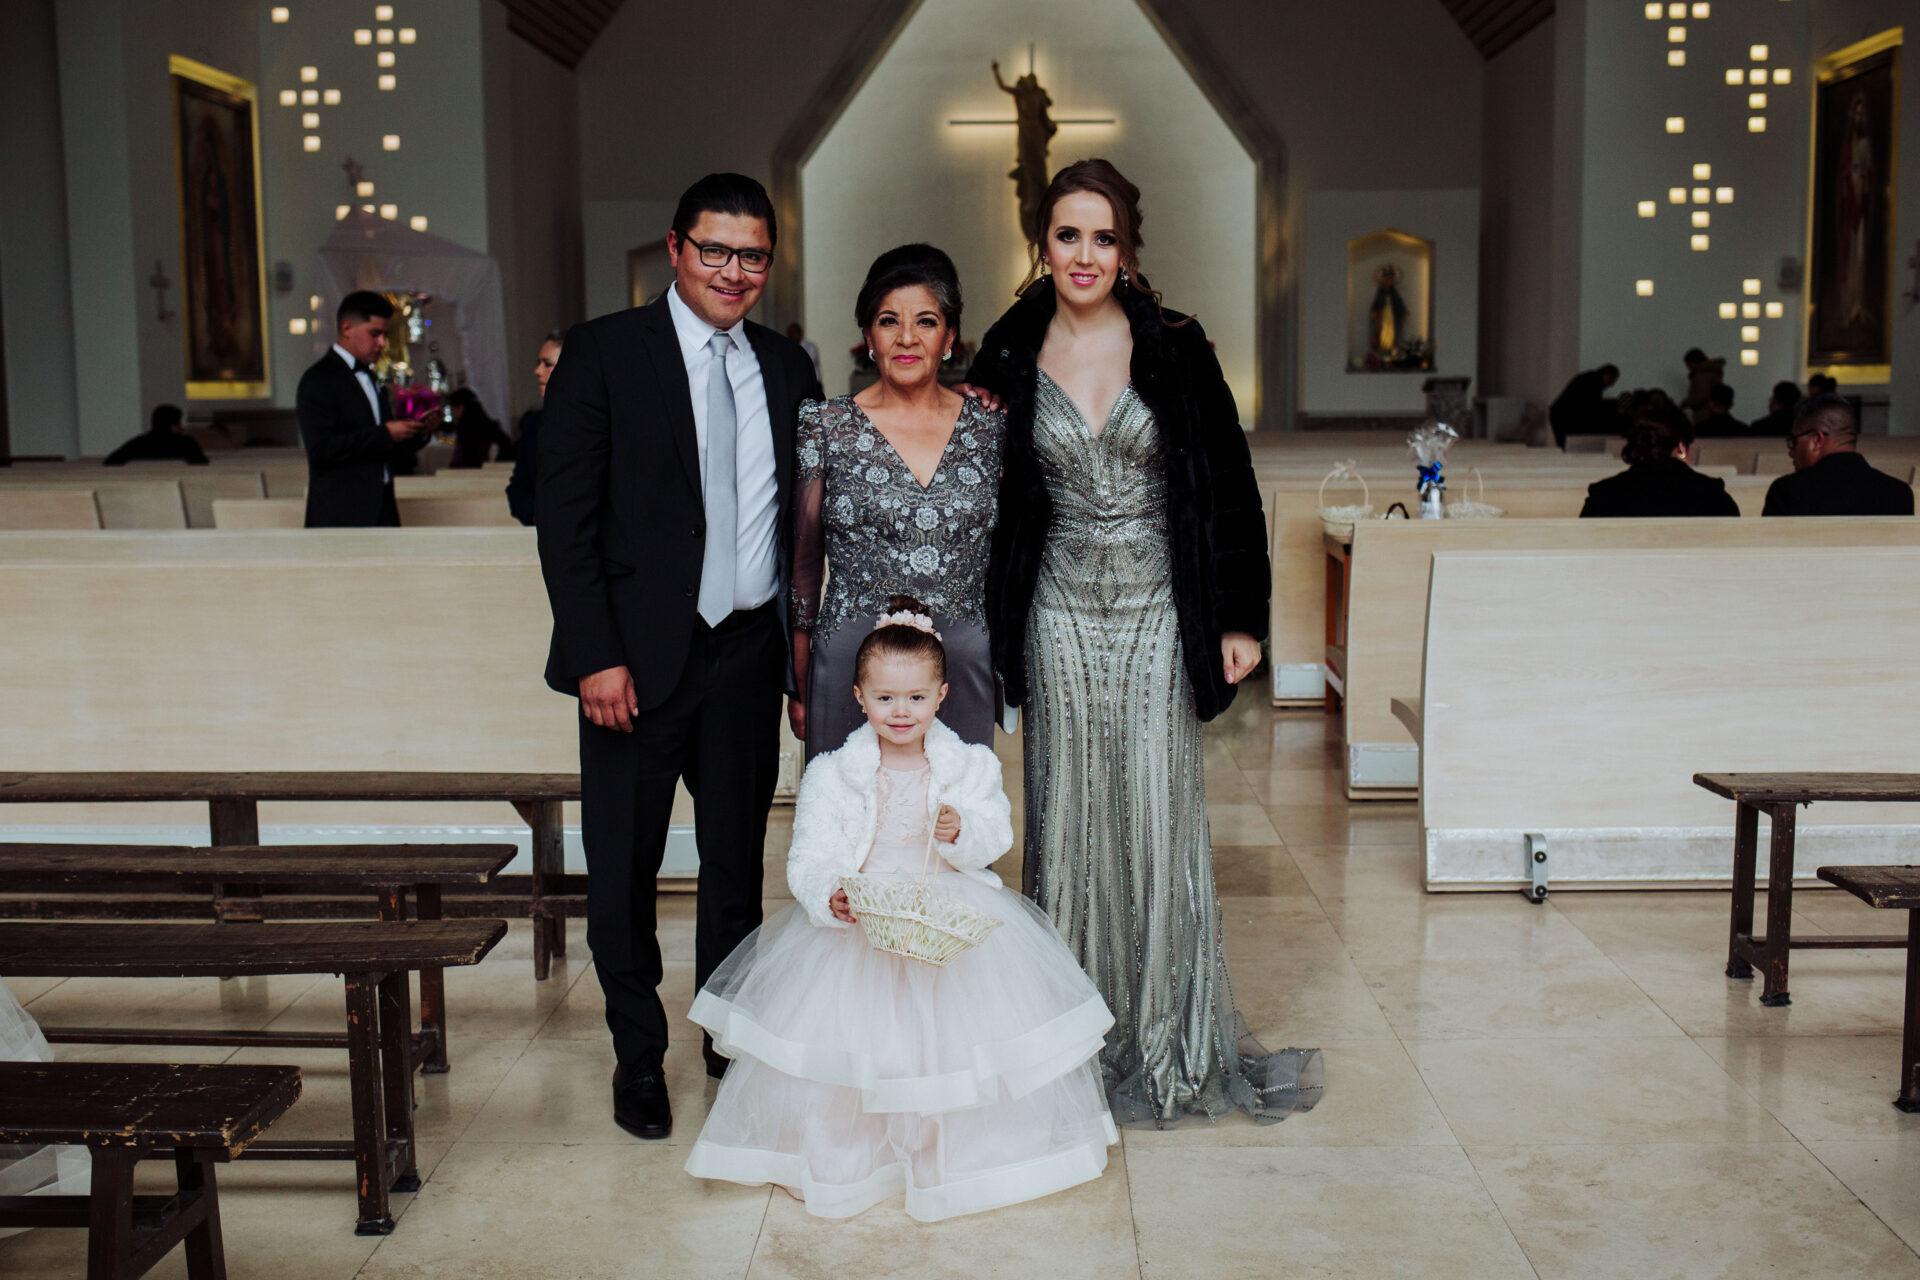 javier_noriega_fotografo_Boda_san_ramon_zacatecas_wedding_photographer2